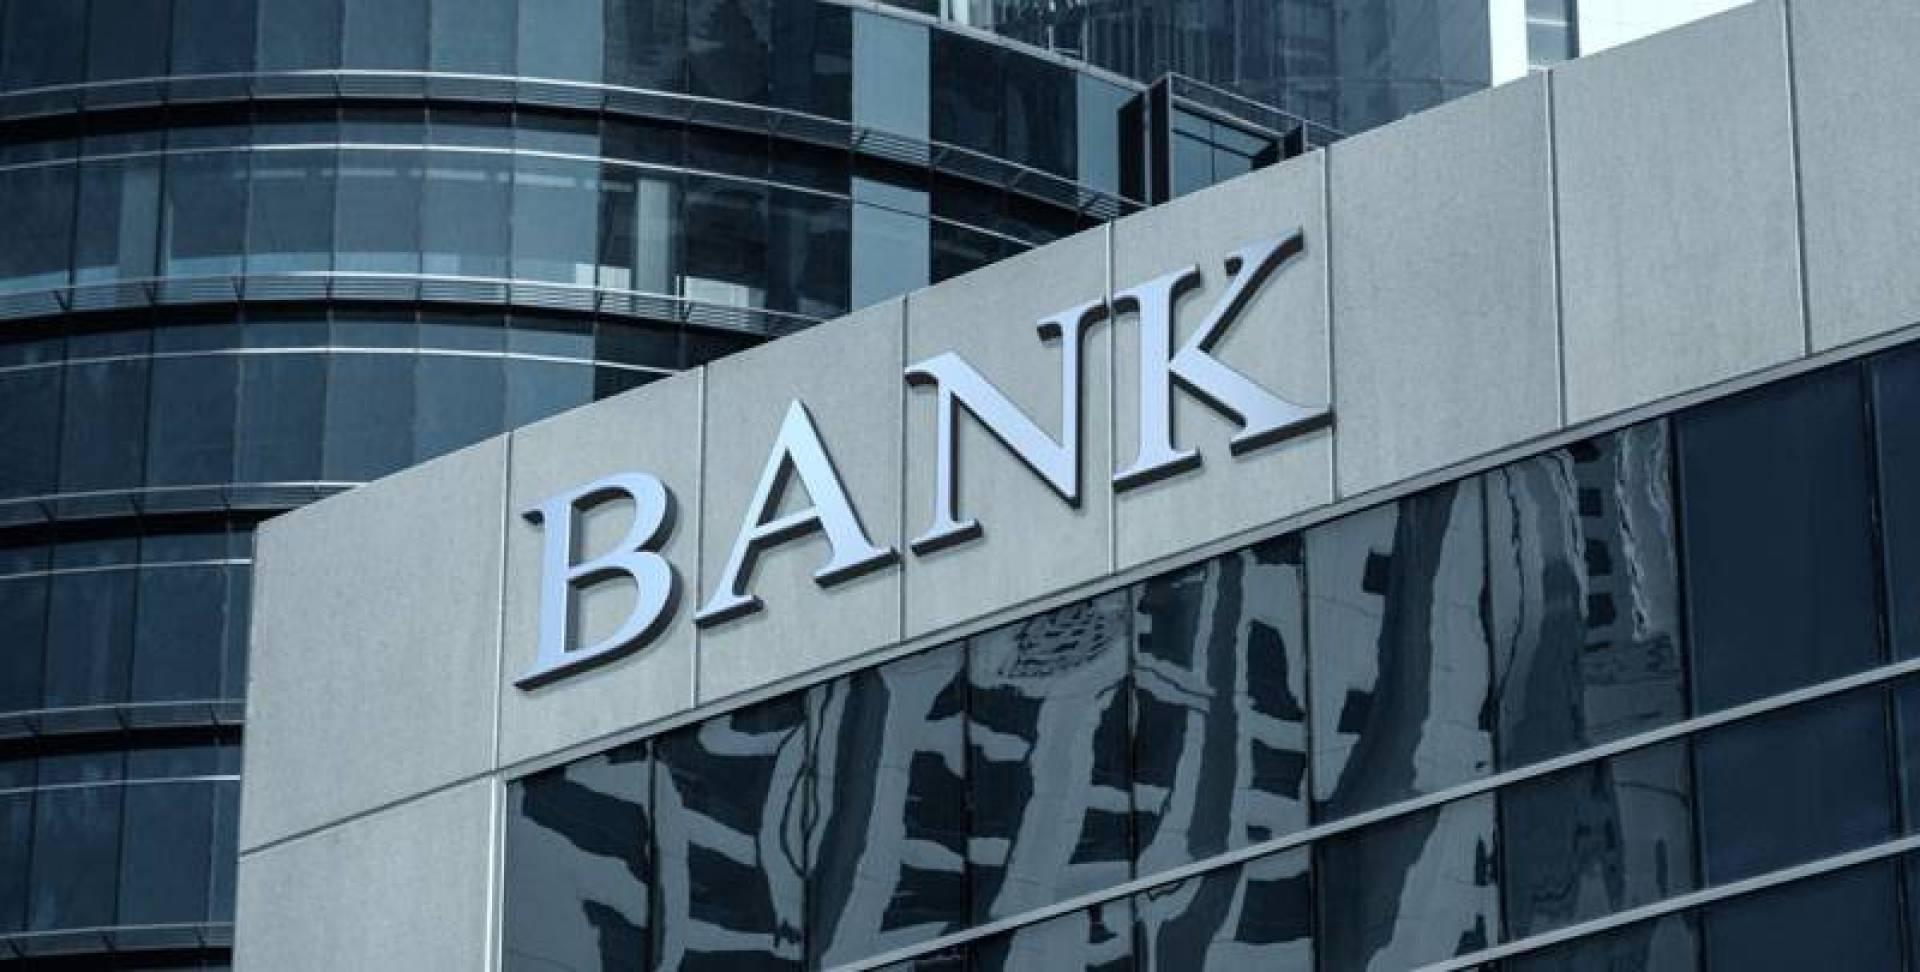 «الشال»: 677 مليون دينار مخصَّصات جنَّبتها البنوك في 2019